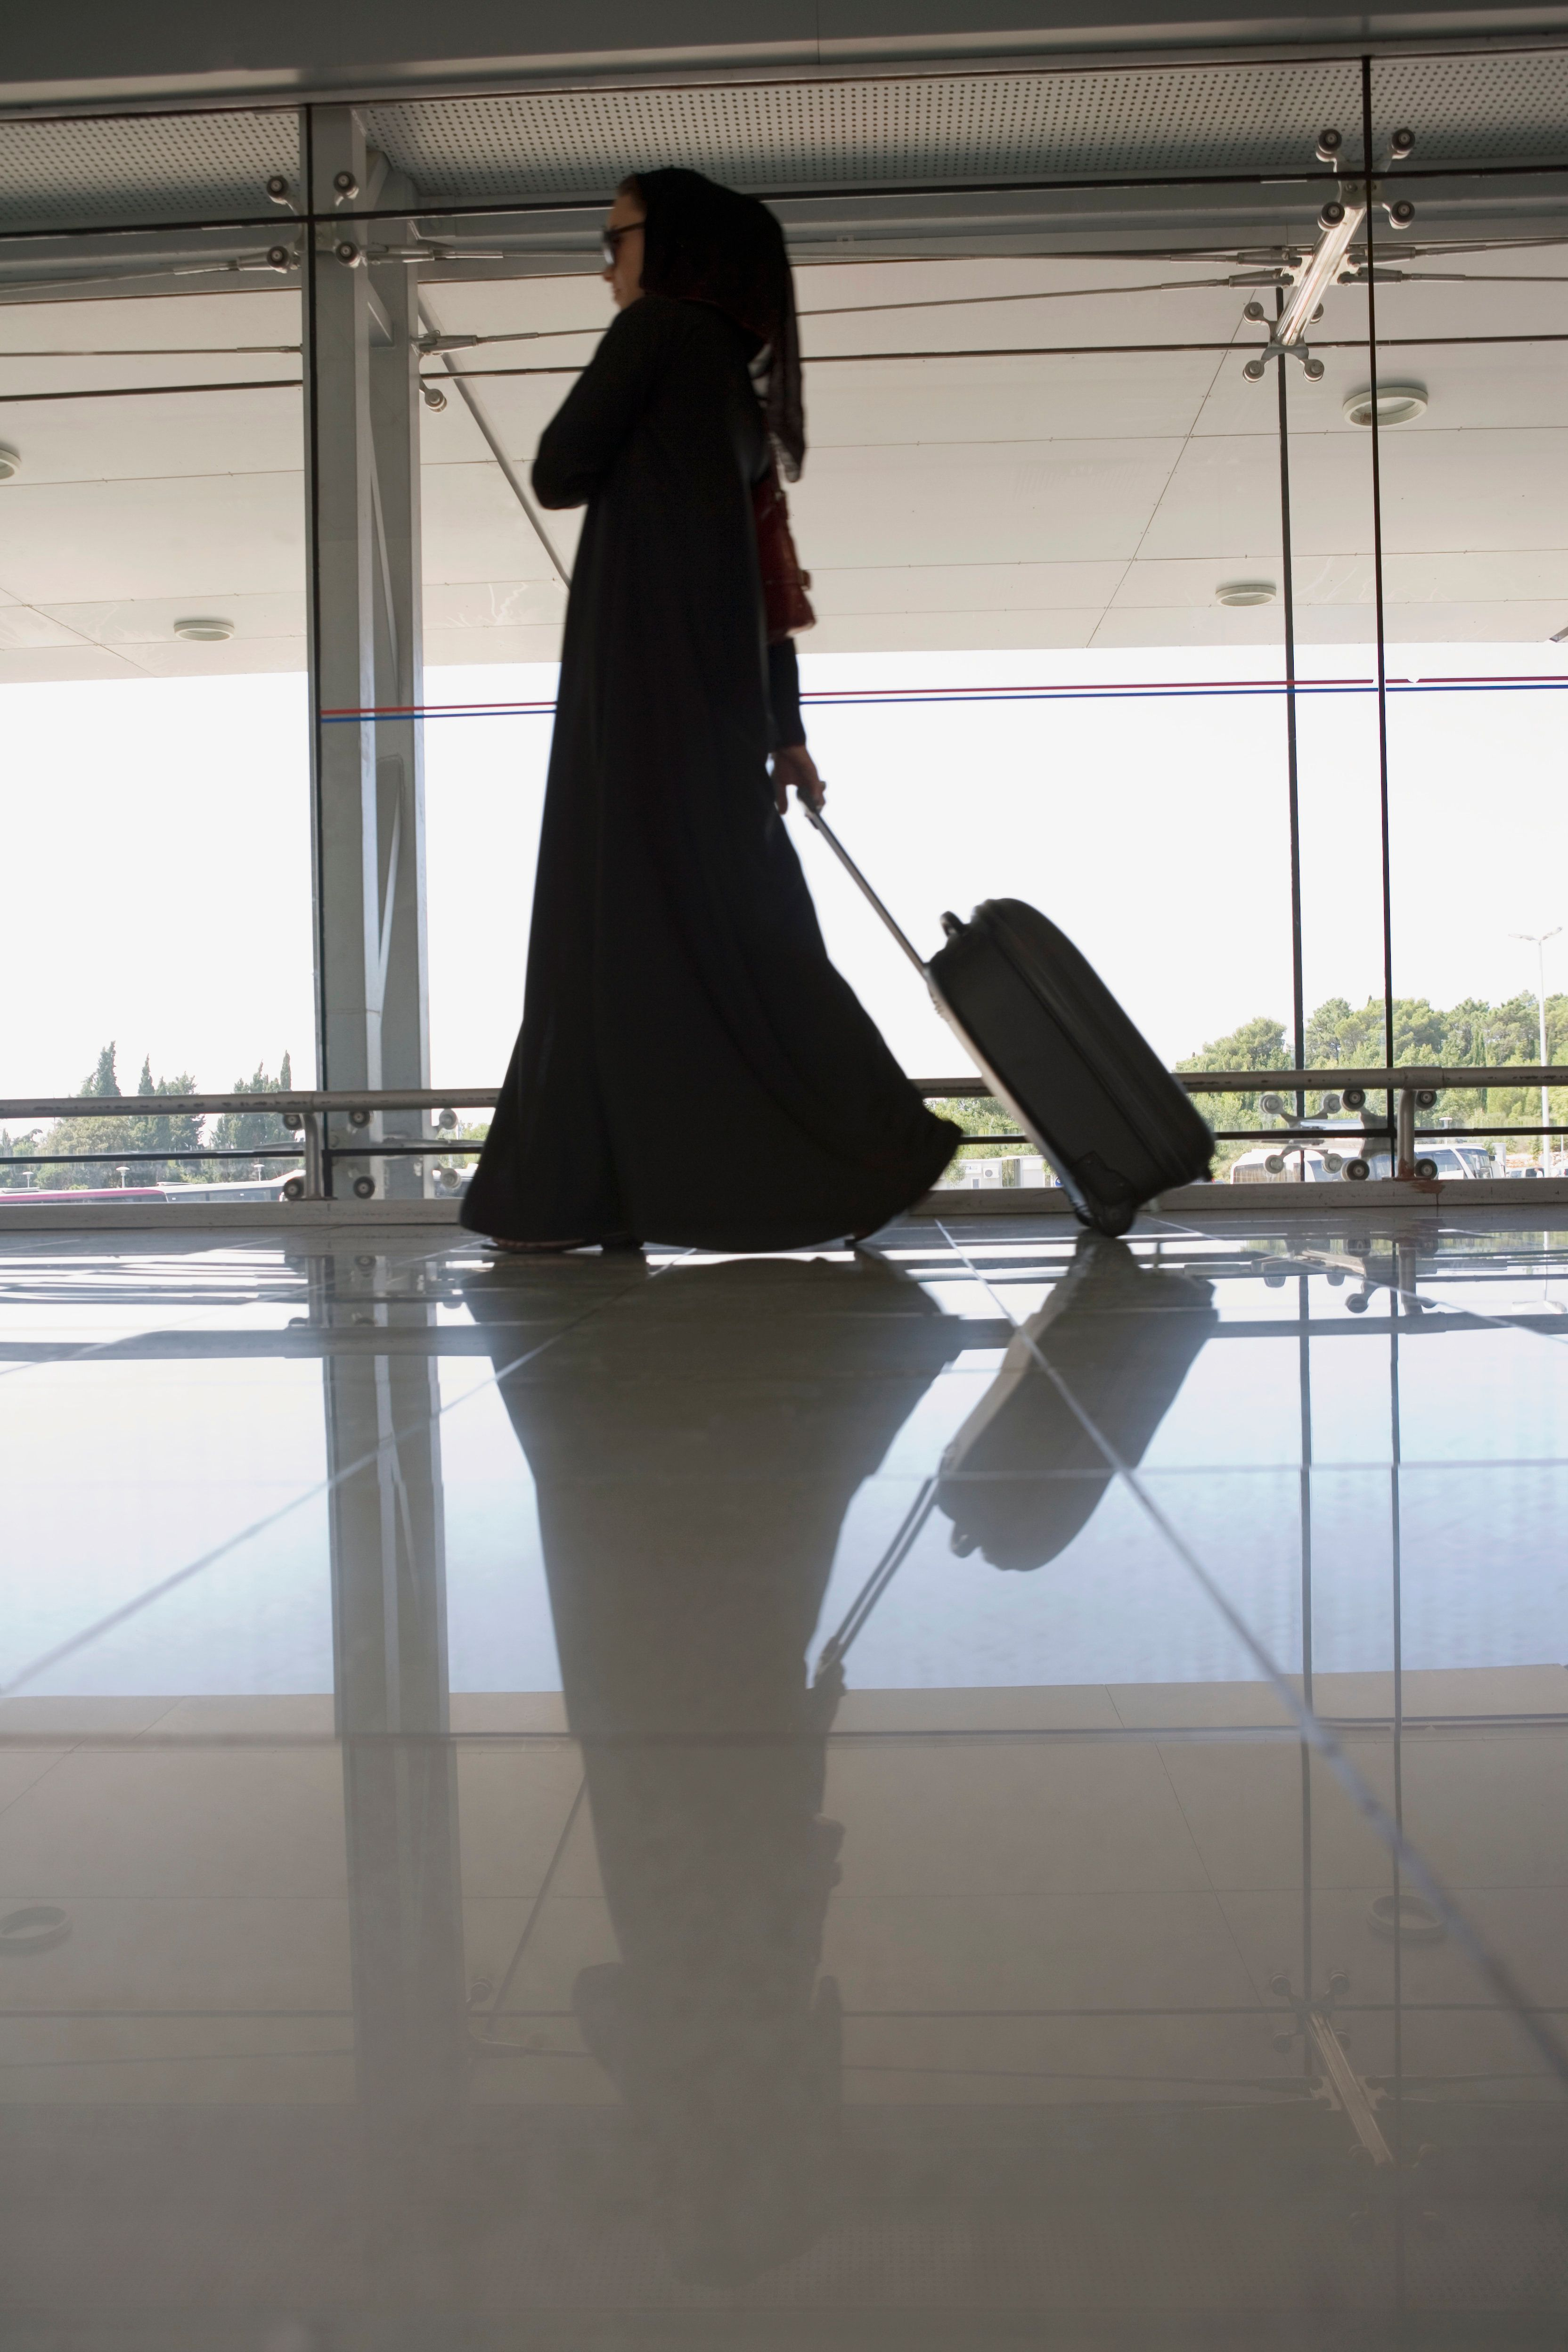 En Arabie saoudite, une application contrôle les déplacements des